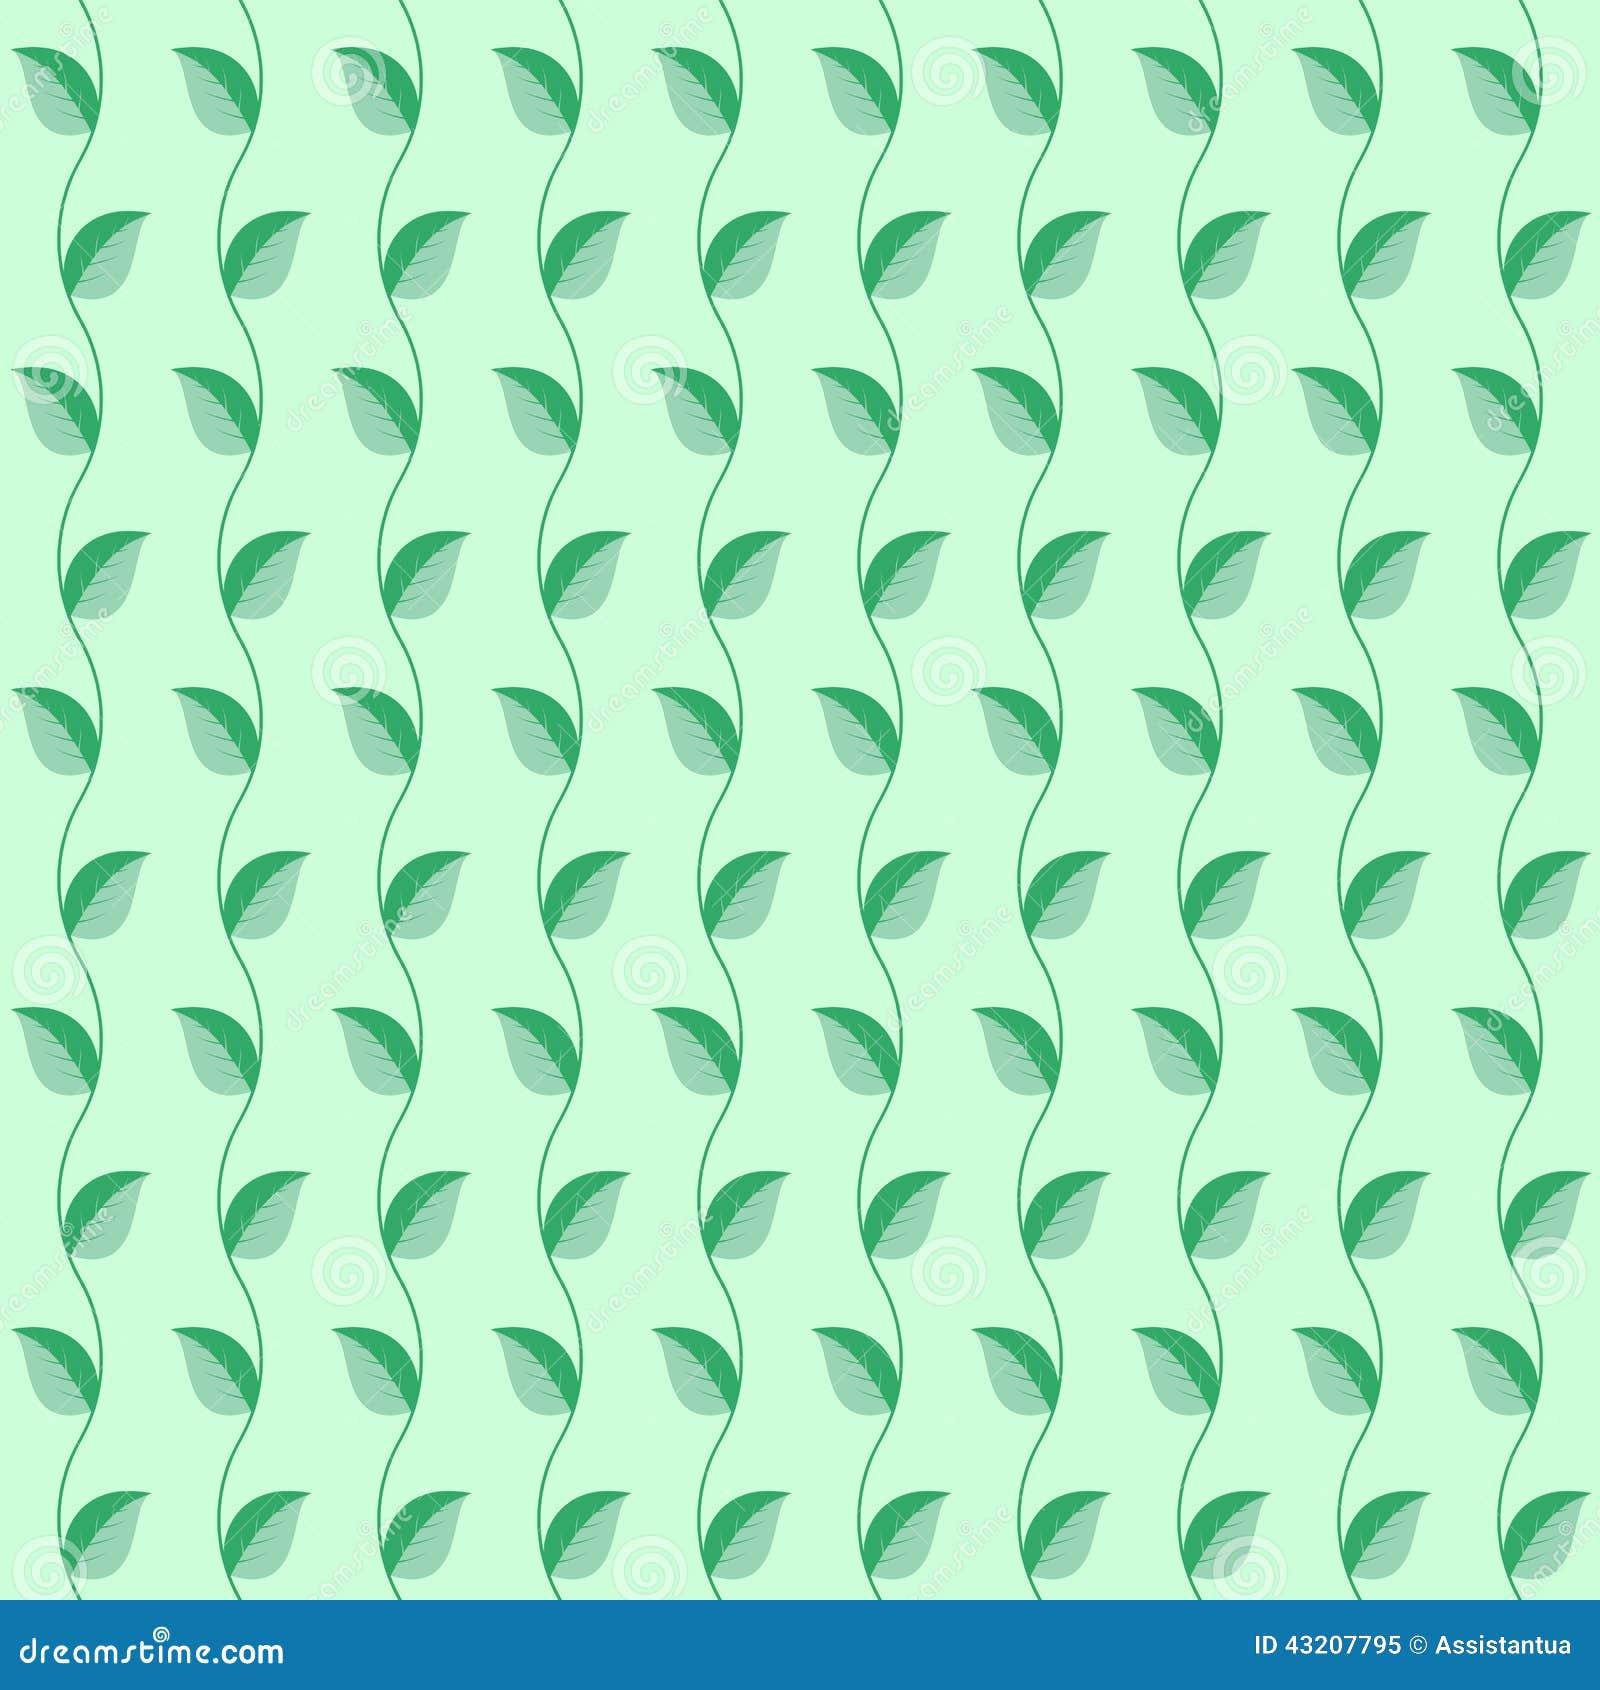 Download Sömlösa Modellgräsplansidor För Bakgrund Stock Illustrationer - Illustration av modell, klassiskt: 43207795